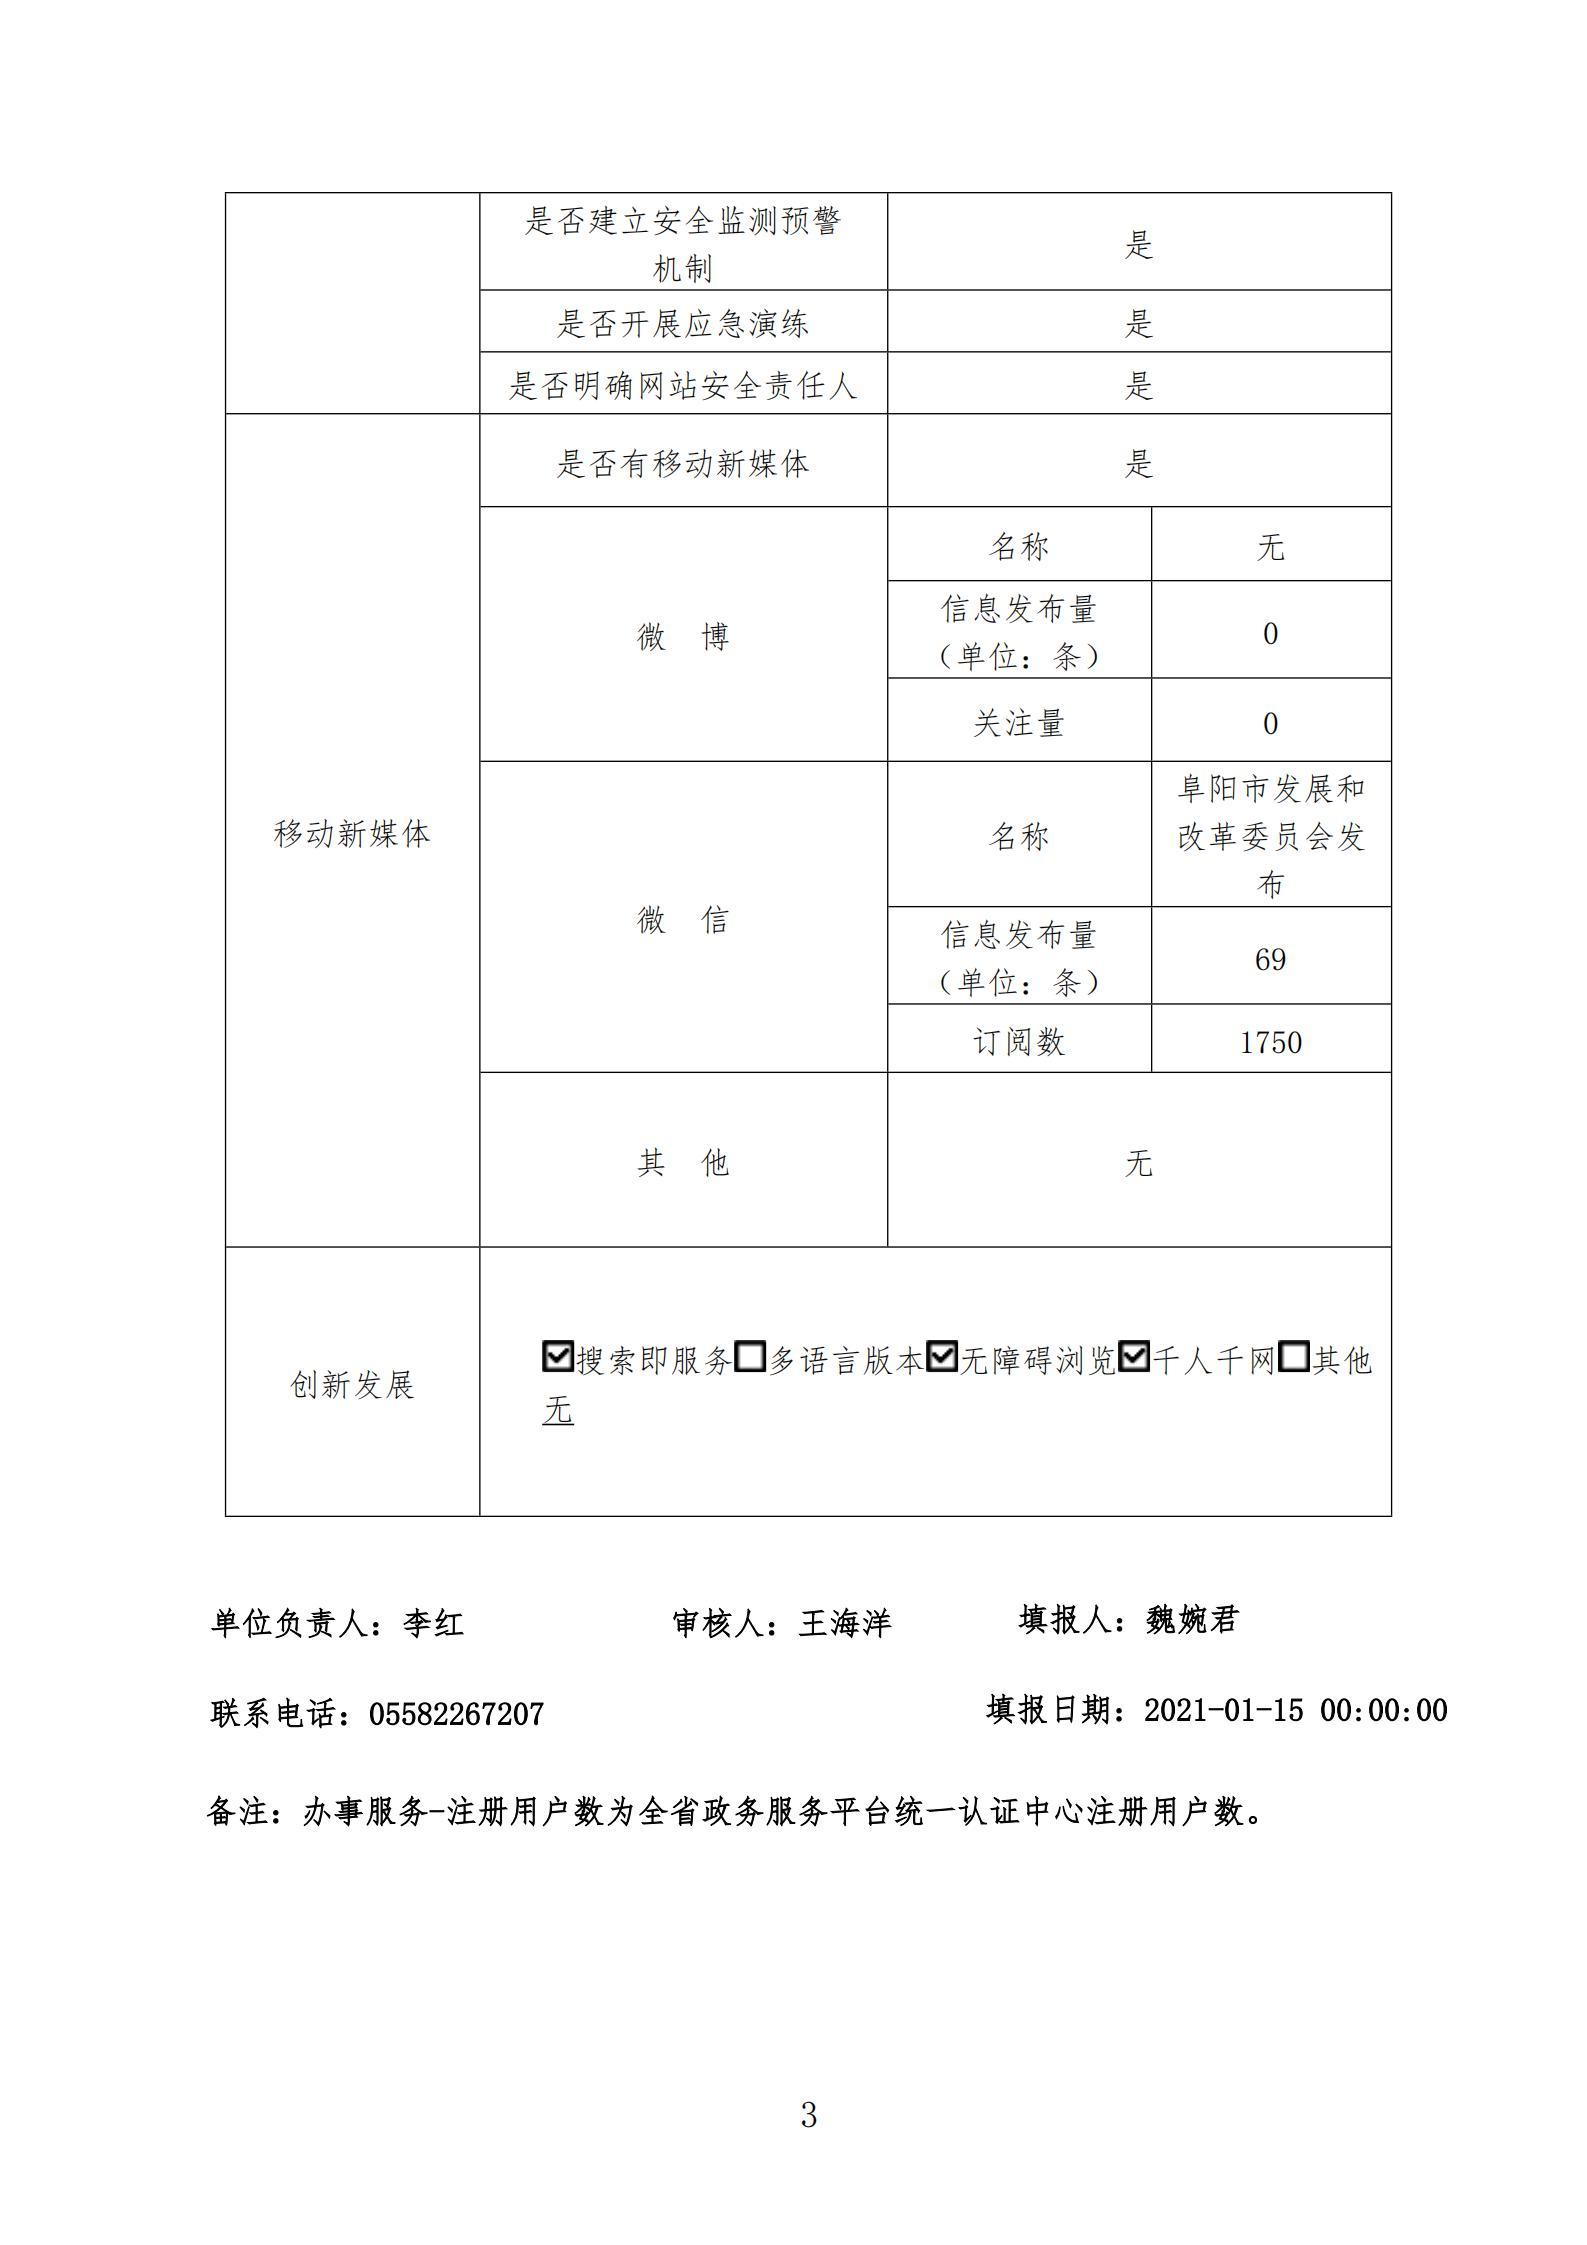 阜阳市发展和改革委员会2020年度政府网站工作报表_02.jpg